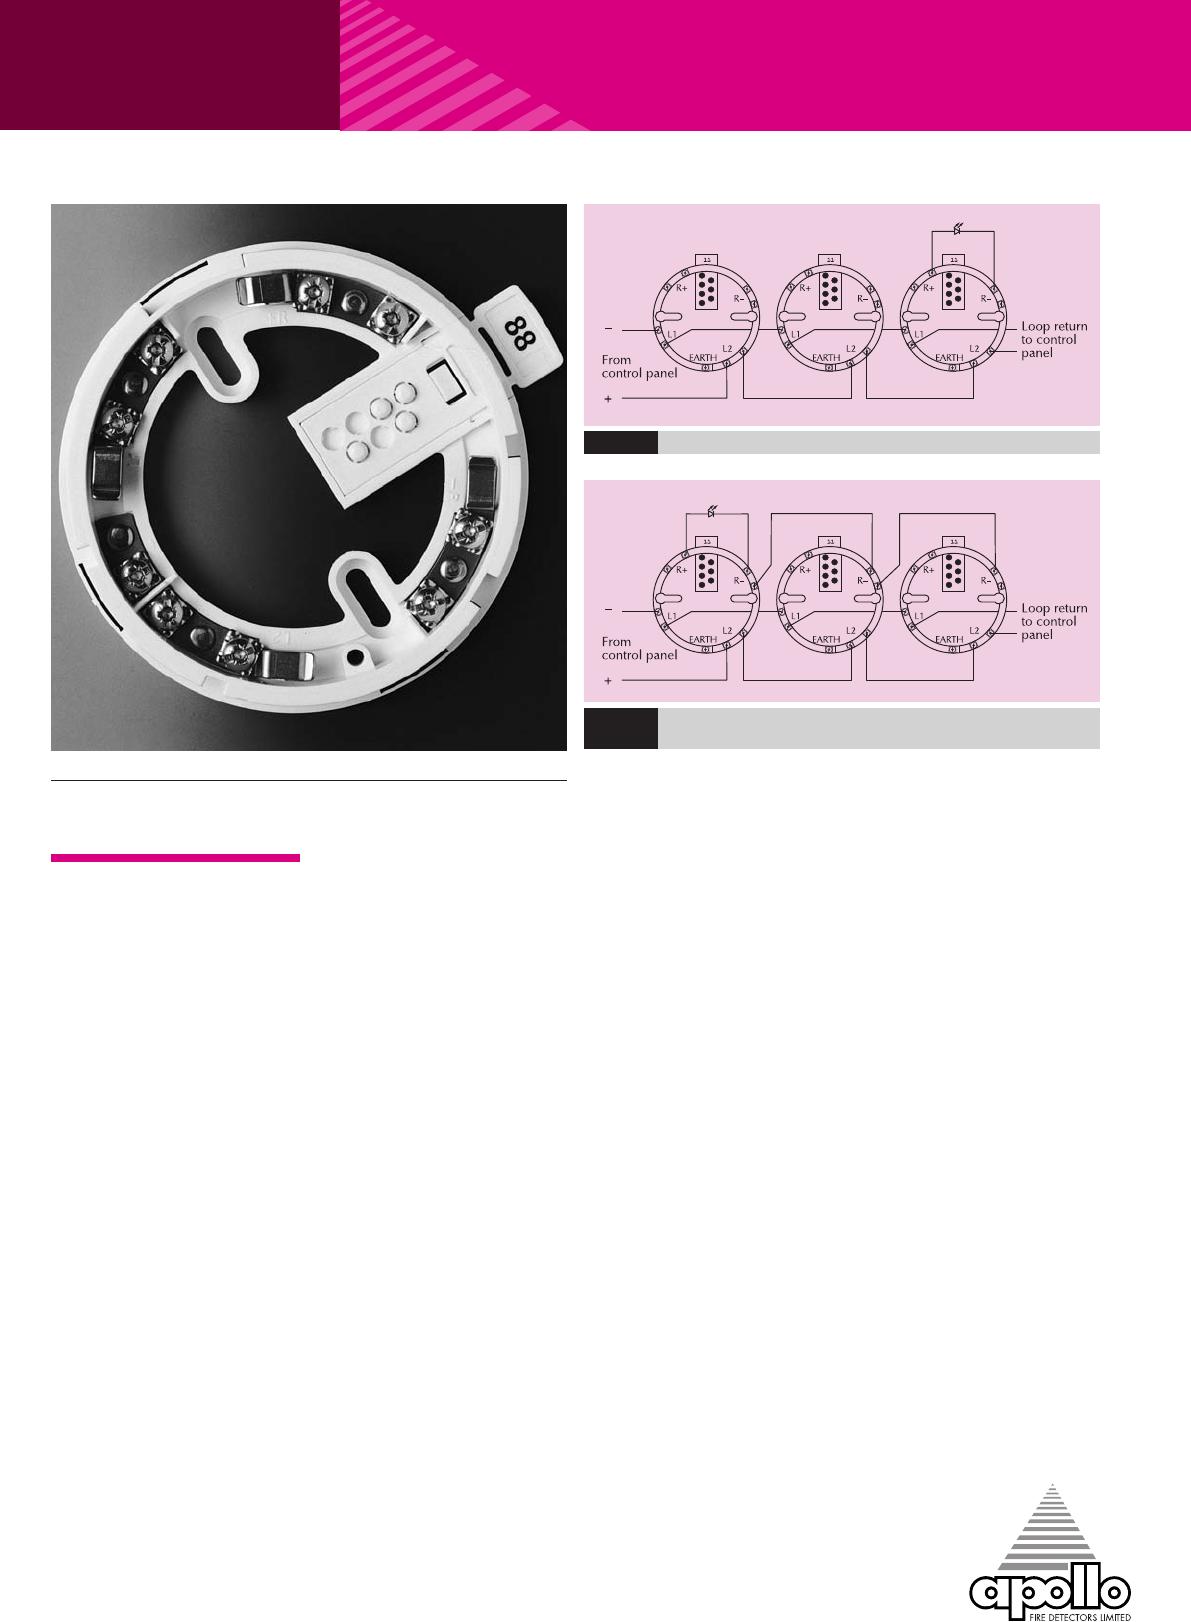 Apollo Xp95 Users Manual